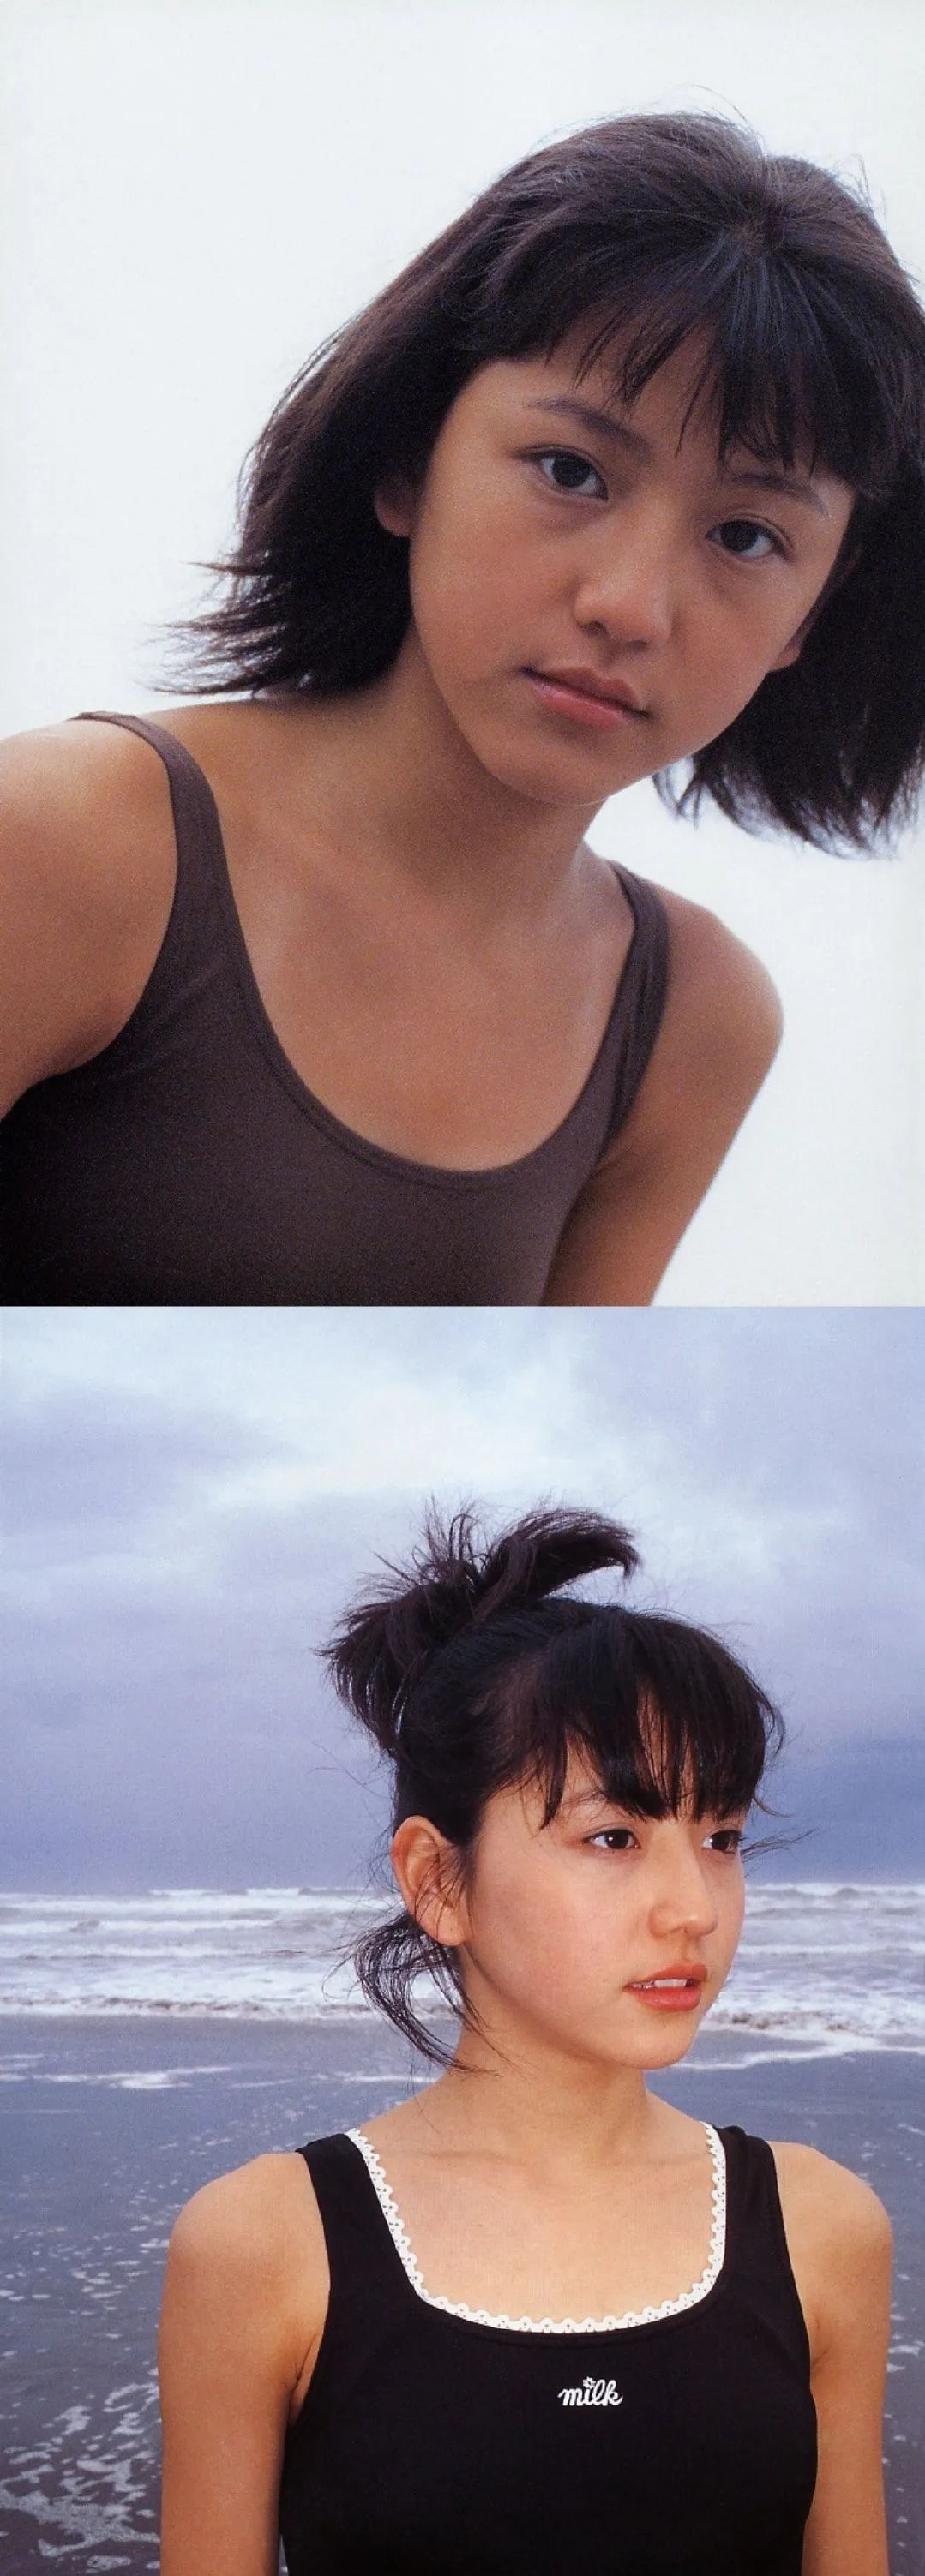 长泽雅美 14岁写真集_图片 No.6